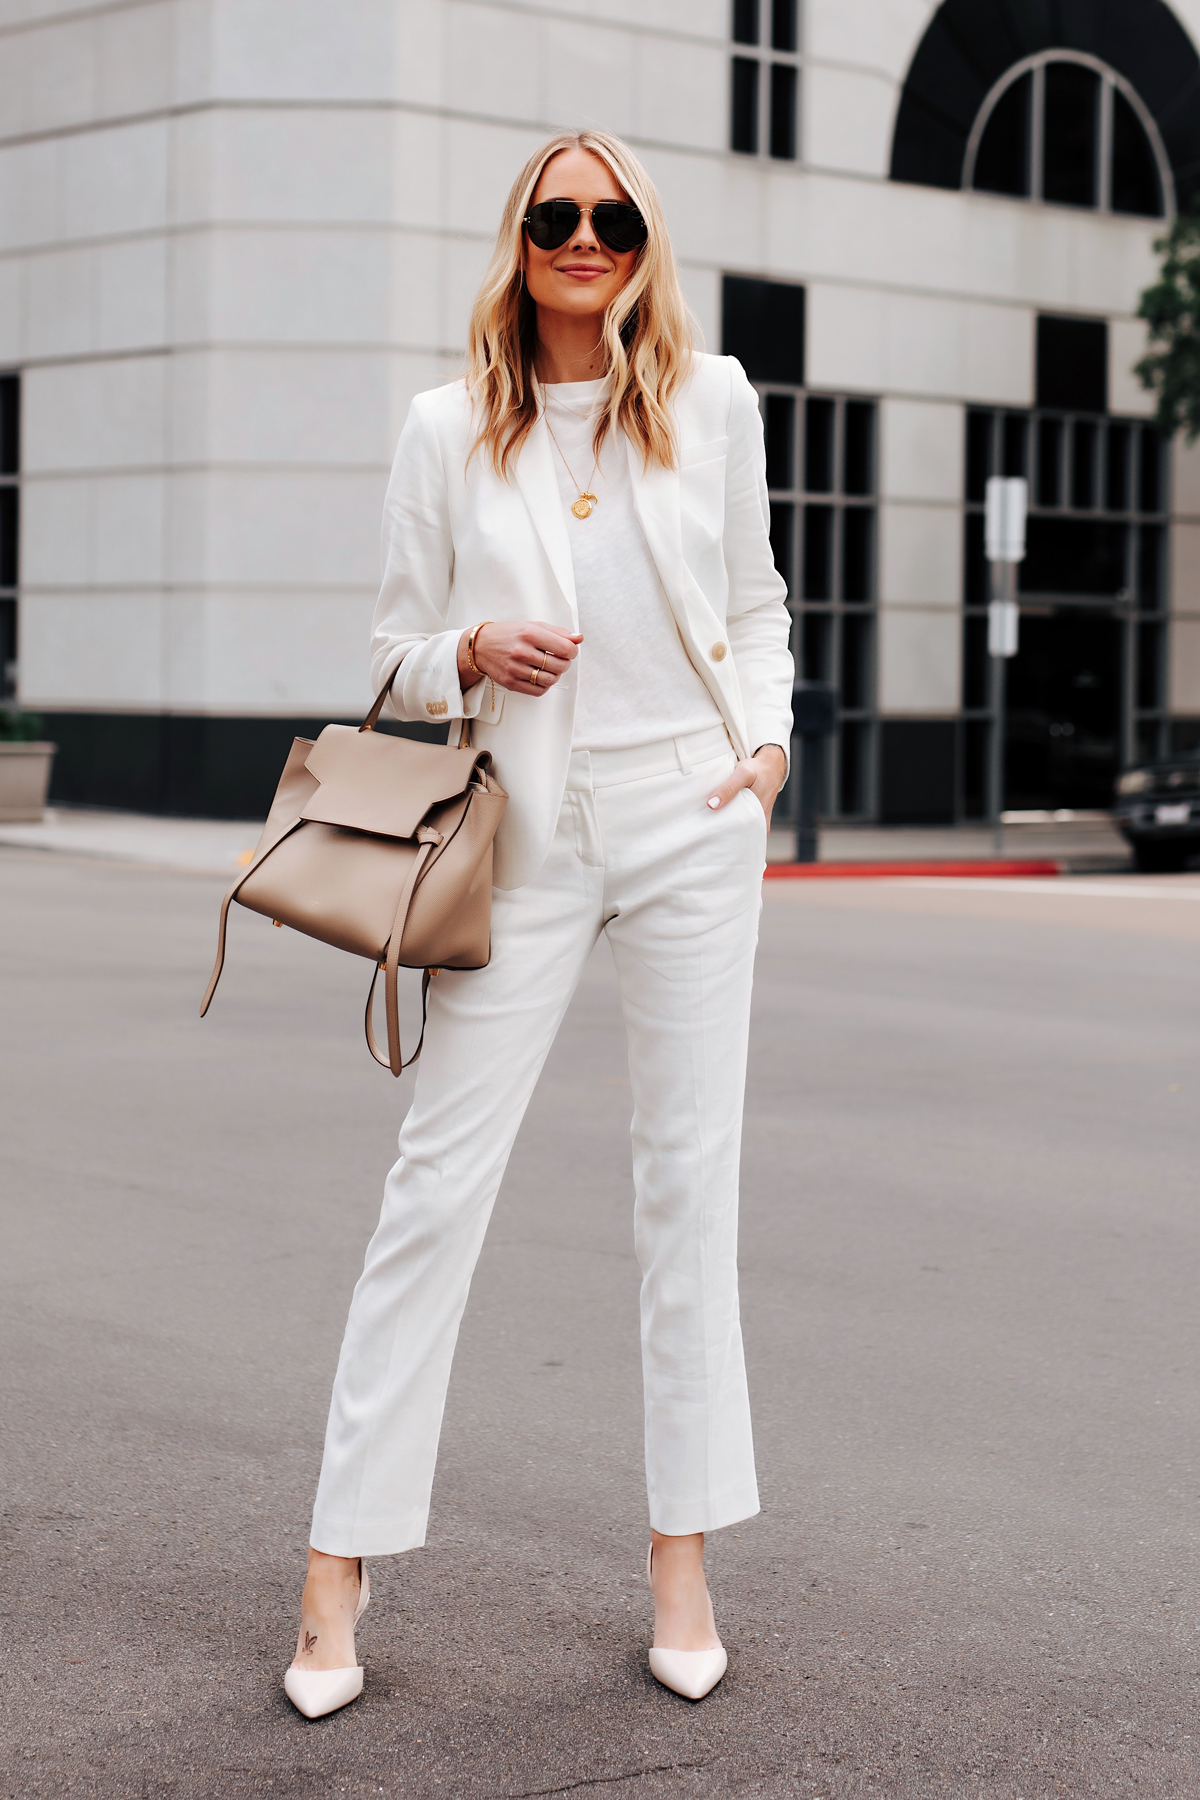 Fashion Jackson Wearing Ann Taylor White Blazer White Tshirt Ann Taylor White Work Pants White Pumps Celine Mini Belt Bag 1